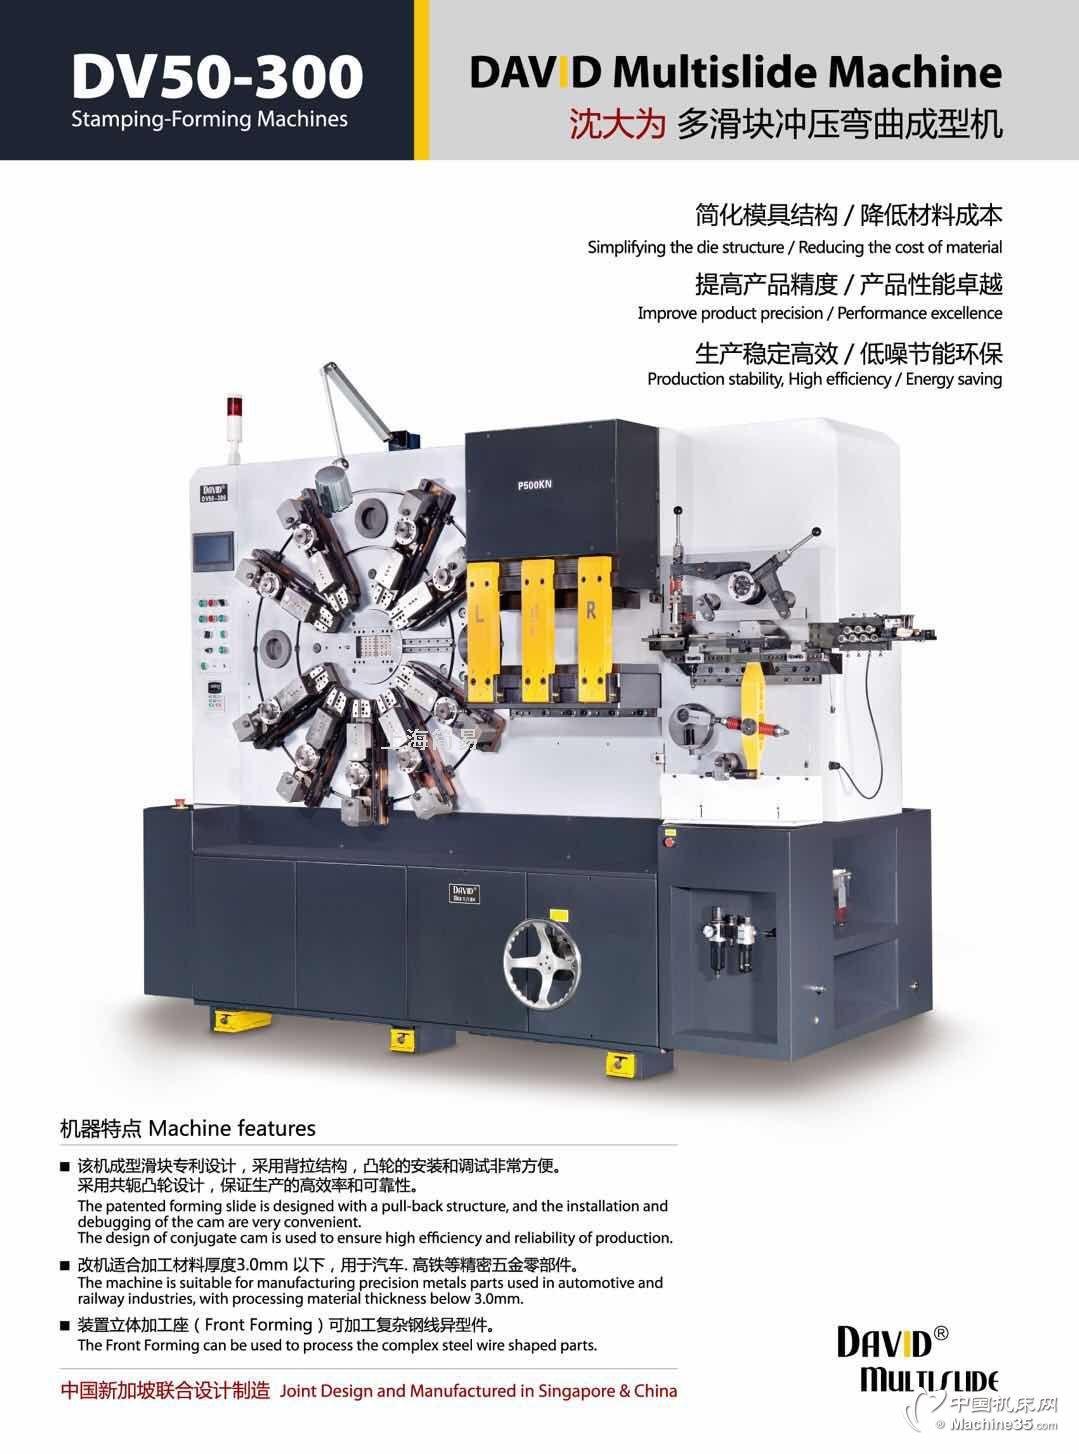 板材线材自动冲压成型机 多滑块多工位 折弯冲压组合式机床